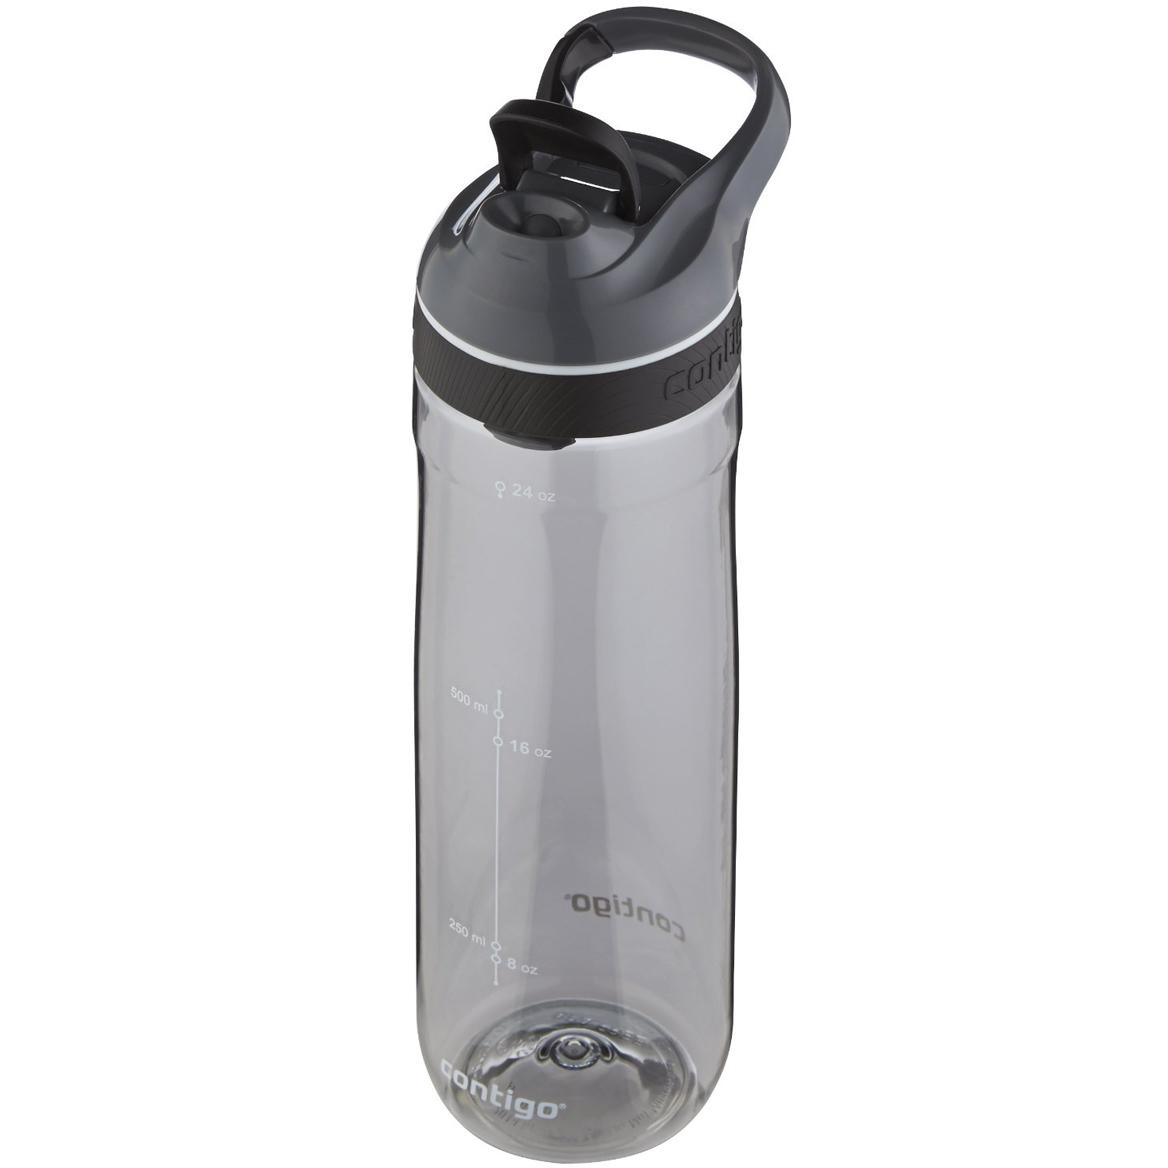 Contigo-24-oz-Cortland-Autoseal-Water-Bottle miniatura 14